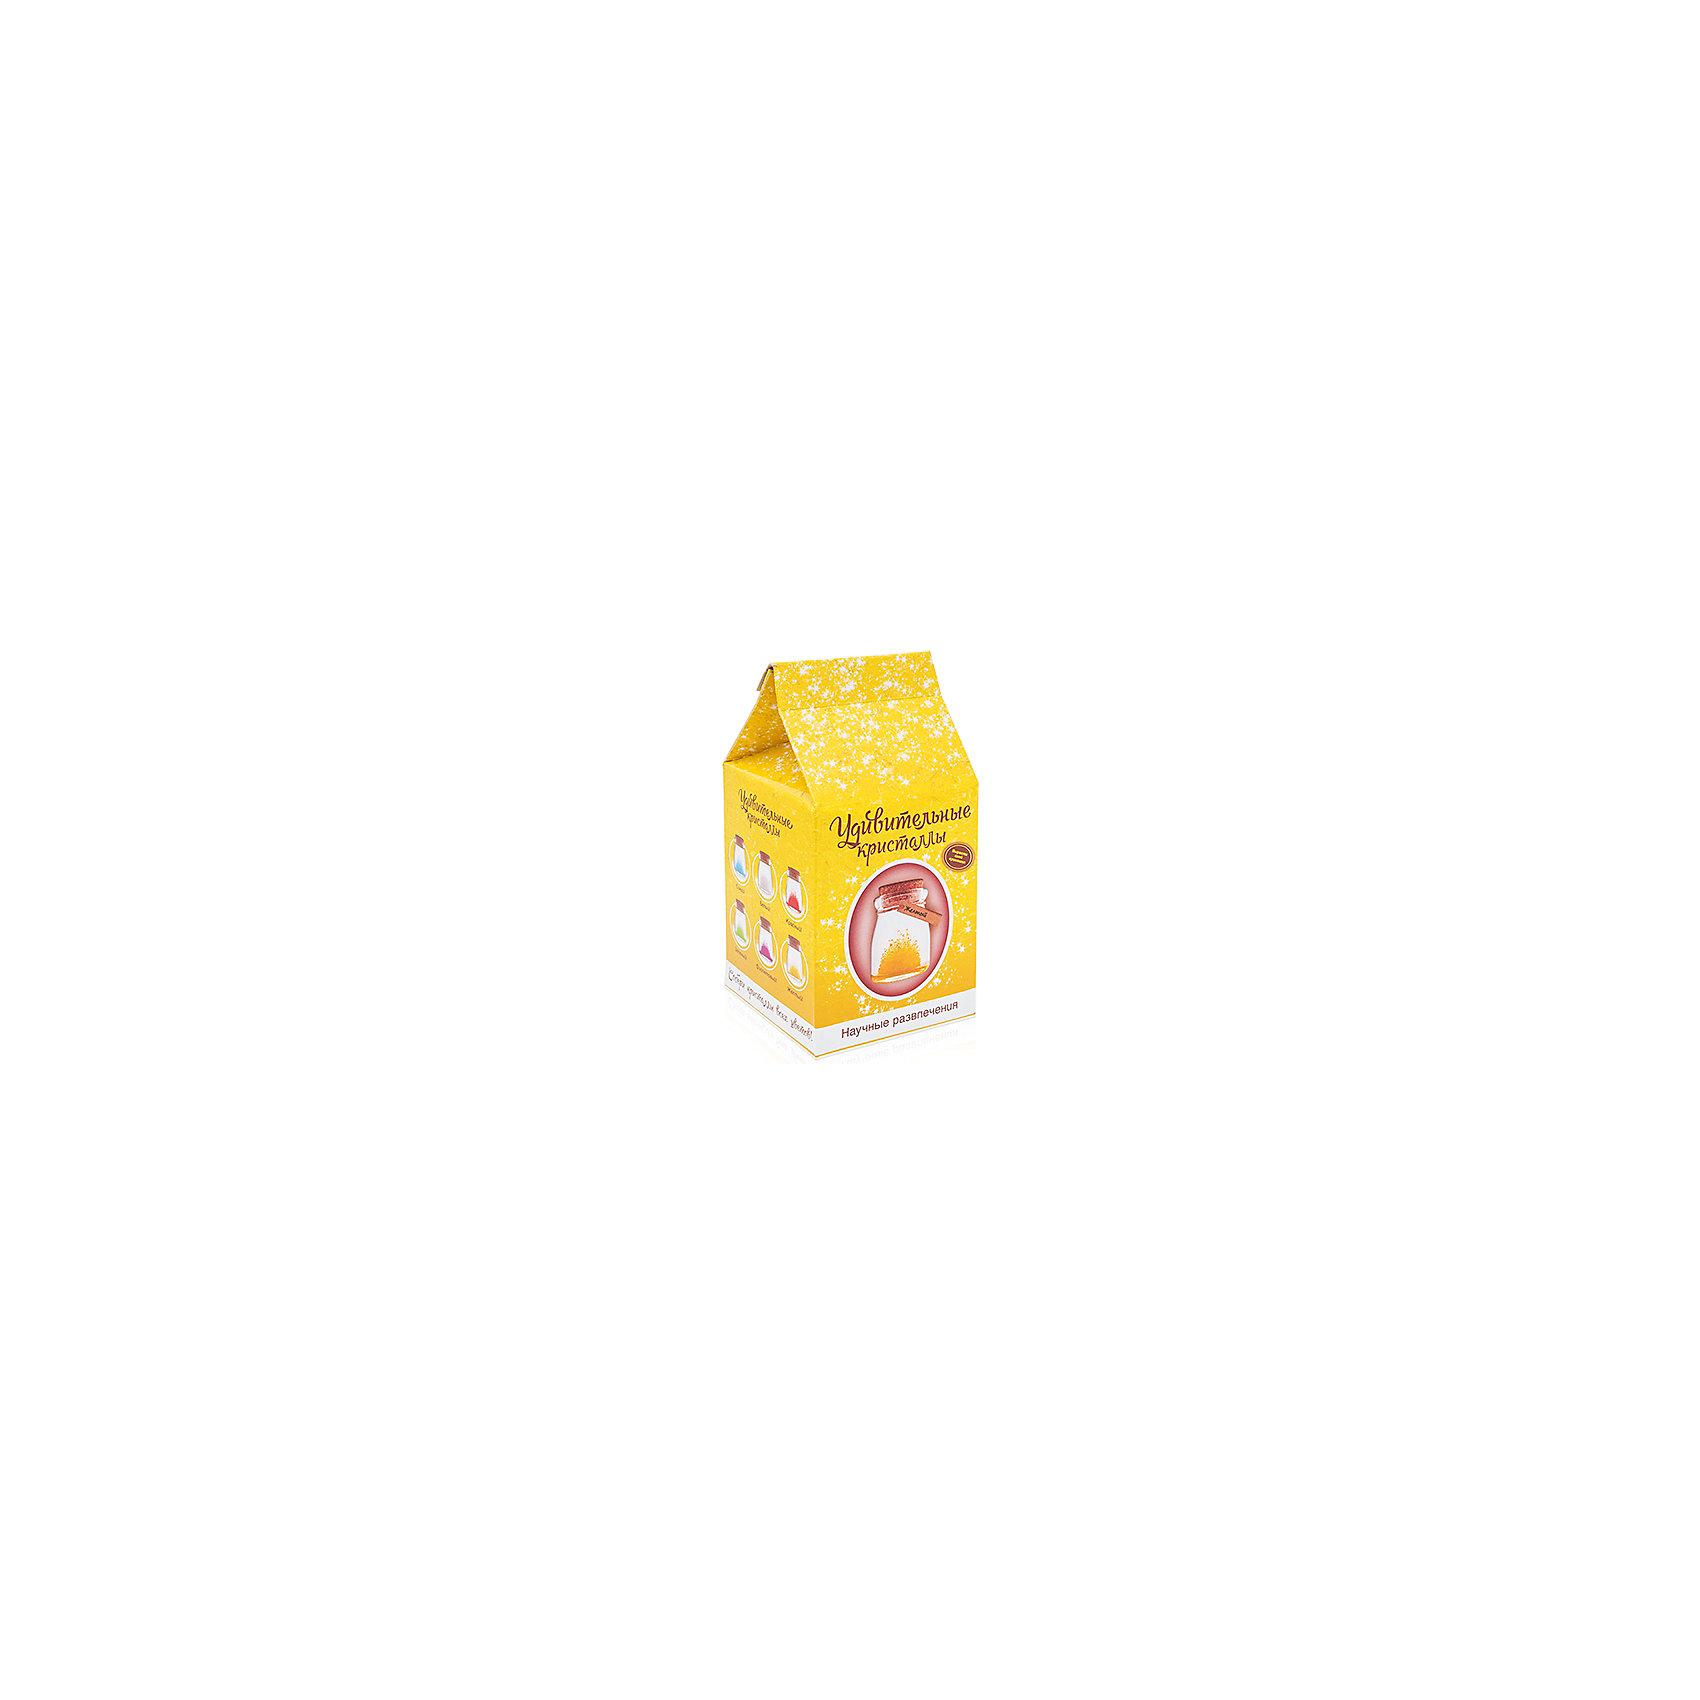 Набор для выращивания кристаллов Удивительный кристалл - Желтый БумбарамУдивительный кристалл - Желтый, Бумбарам<br><br>Характеристики:<br><br>• прост в использовании<br>• пошаговая инструкция<br>• безопасные материалы<br>• привлекательная упаковка <br>• можно следить за процессом<br>• в наборе: баночка, кристаллический порошок, кристаллическая таблетка, палочка, веревочка, пробка, карточка, инструкция<br>• размер упаковки: 15х8 см<br>• вес: 250 грамм<br>• цвет: синий<br><br>Удивительный кристалл - набор для творчества. Он хорошо развивает усидчивость и внимательность. С его помощью ребенок сможет сделать прекрасный подарок своими руками. Инструкция очень проста: нужно налить воды в баночку, добавить в нее порошок и тщательно перемешать. Затем положить волшебную таблетку и закрыть баночку крышкой. Через несколько часов можно снять крышку. Через 14-20 дней волшебный кристалл готов! Готовая композиция особенно красиво смотрится под лампой. Удивительный кристалл - прекрасный выбор для начинающего алхимика!<br><br>Удивительный кристалл - Желтый, Бумбарам вы можете приобрести в нашем интернет-магазине.<br><br>Ширина мм: 75<br>Глубина мм: 75<br>Высота мм: 150<br>Вес г: 250<br>Возраст от месяцев: 168<br>Возраст до месяцев: 240<br>Пол: Унисекс<br>Возраст: Детский<br>SKU: 5053955